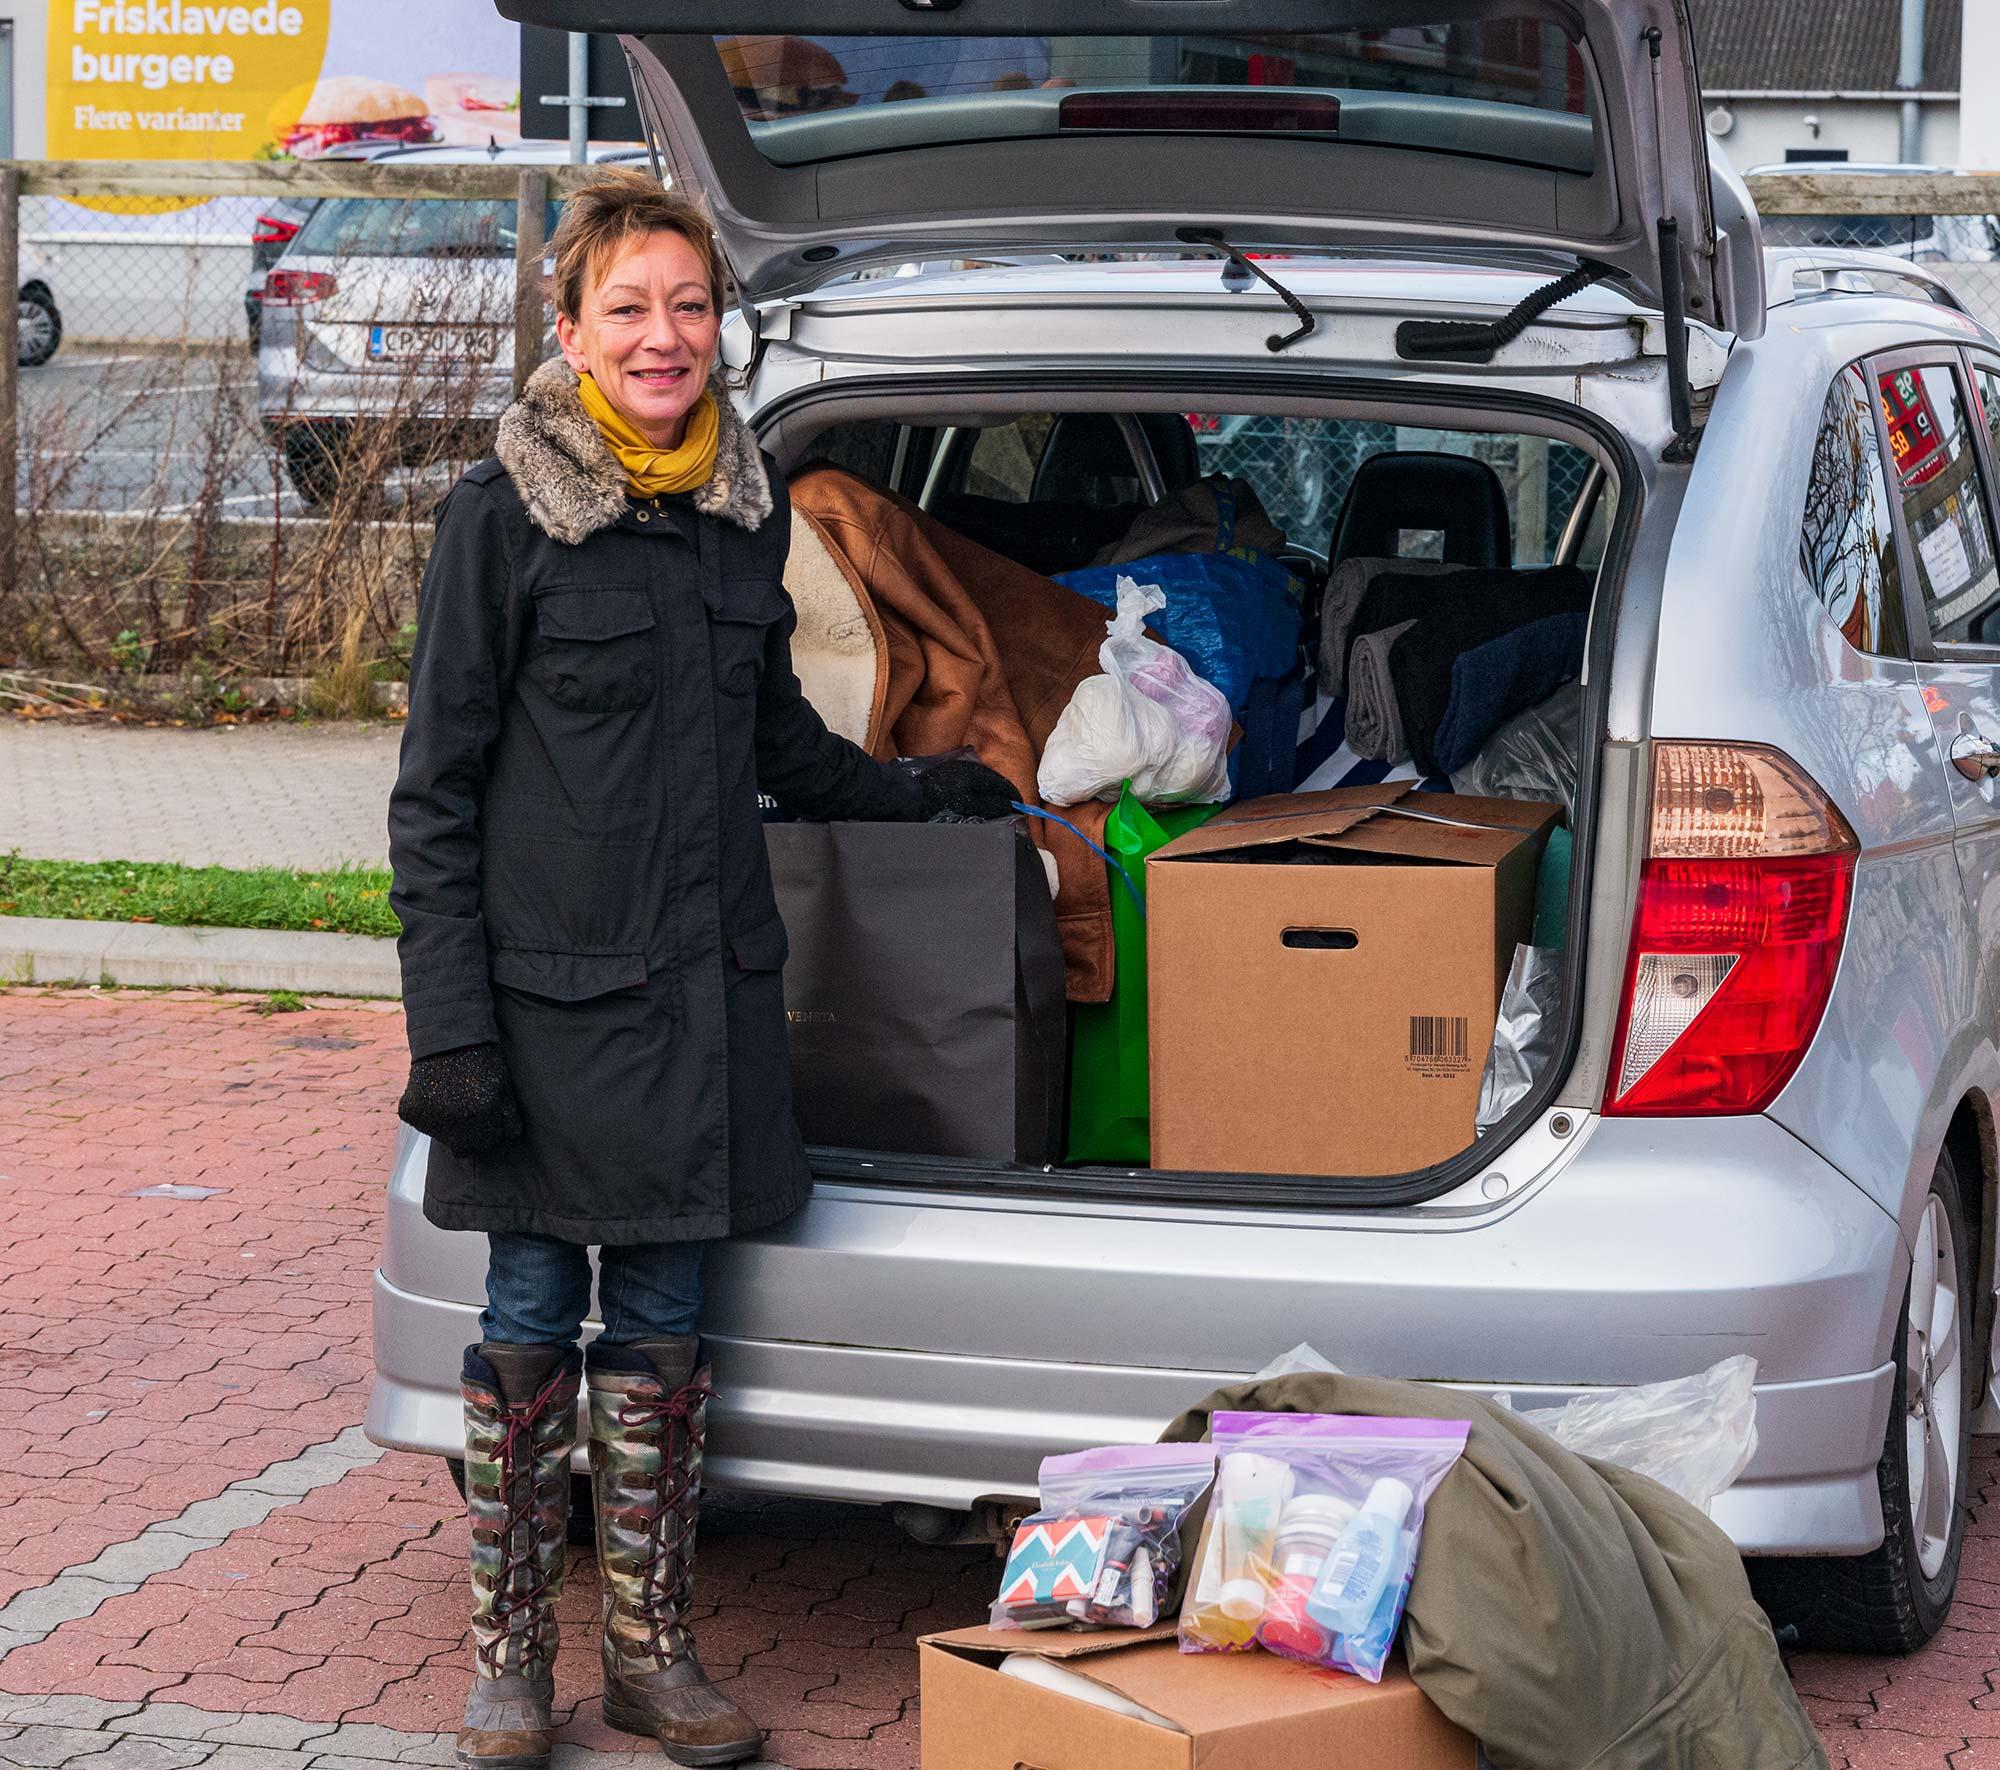 Mette Gjøl ved indsamlingen i efteråret 2020. Arkivfoto: TorbenStender.